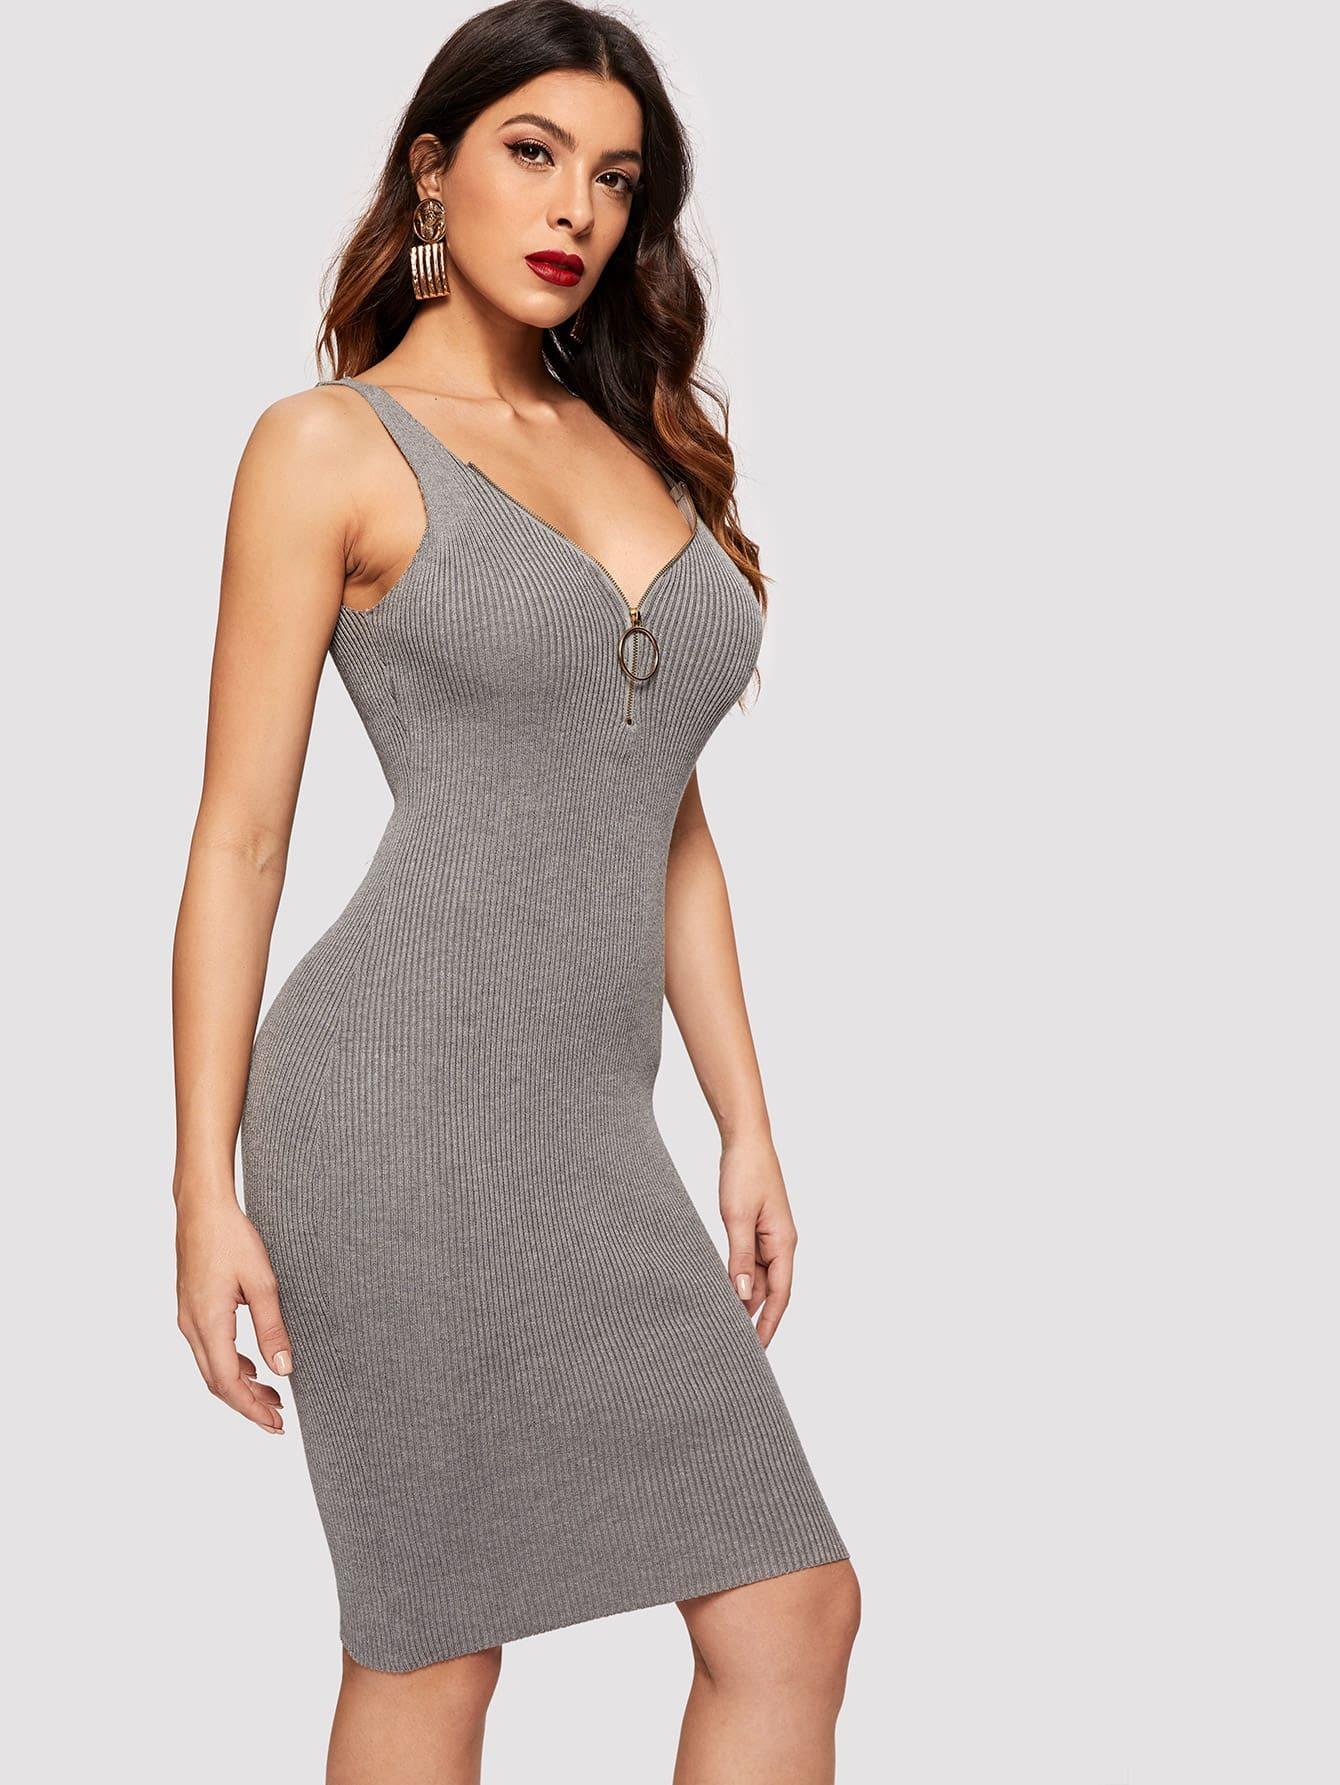 Купить Вязанее облегающее платье-джемпер с молнией, null, SheIn